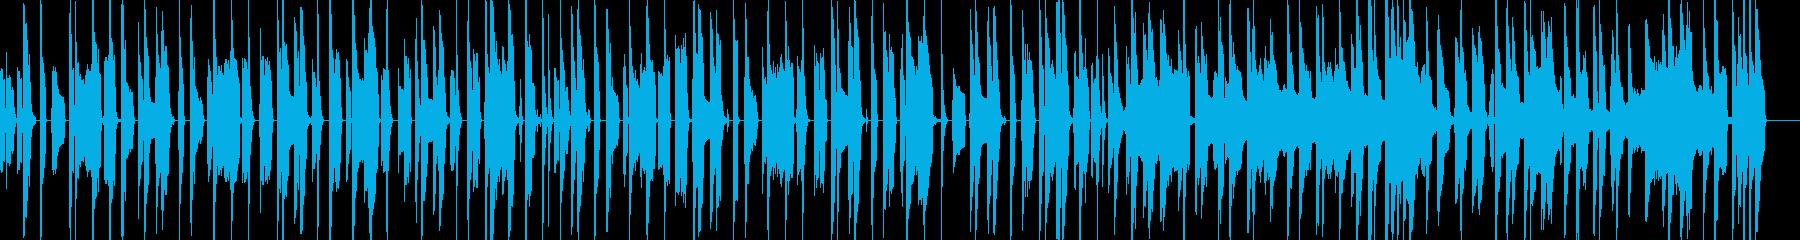 コミカルな日常の再生済みの波形